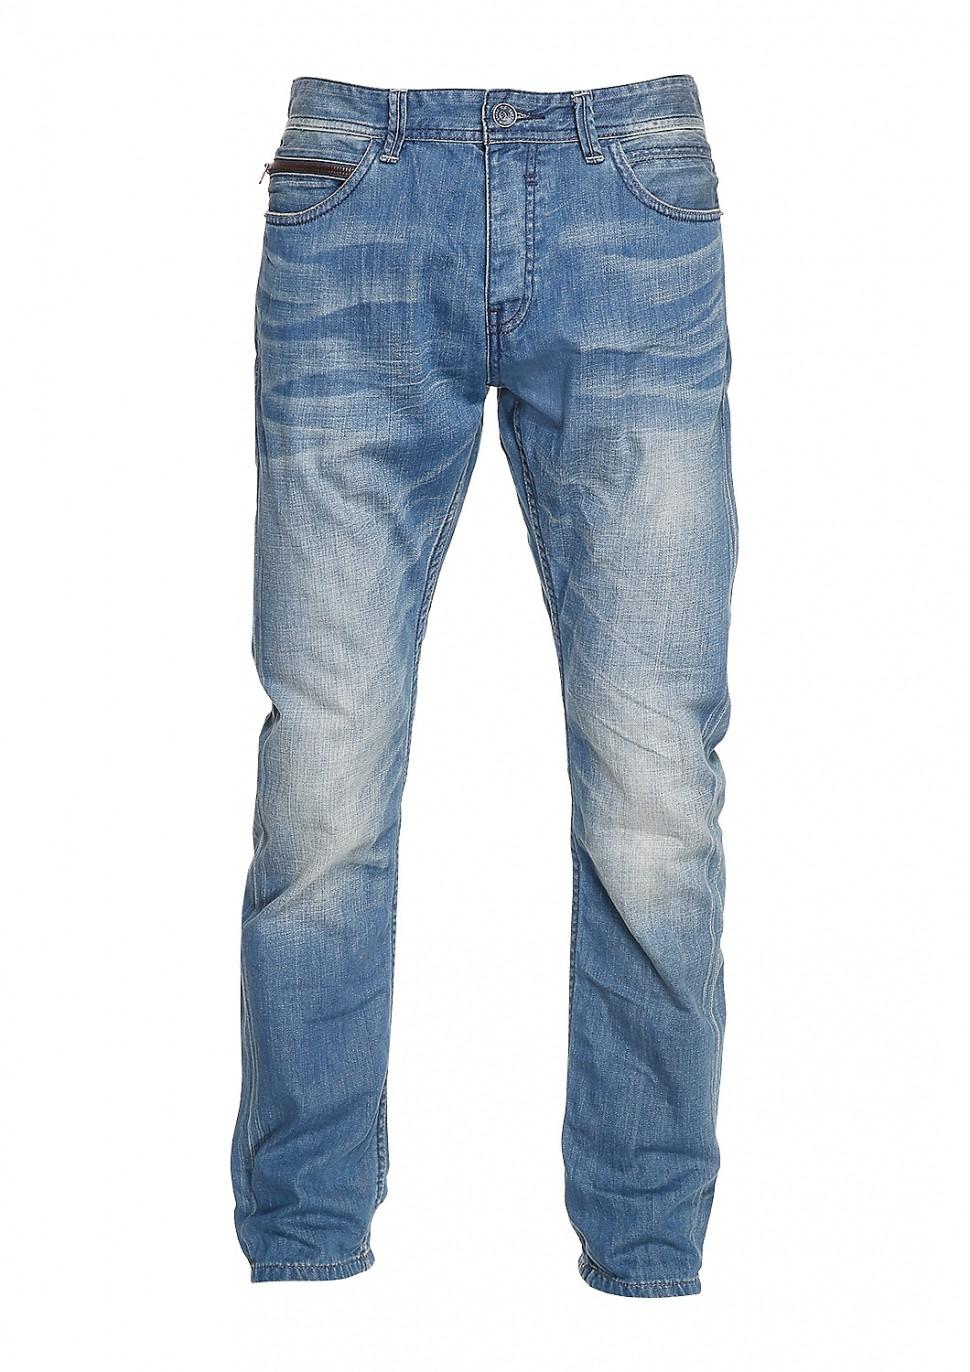 qs by s oliver jeans herren jeans hosen. Black Bedroom Furniture Sets. Home Design Ideas